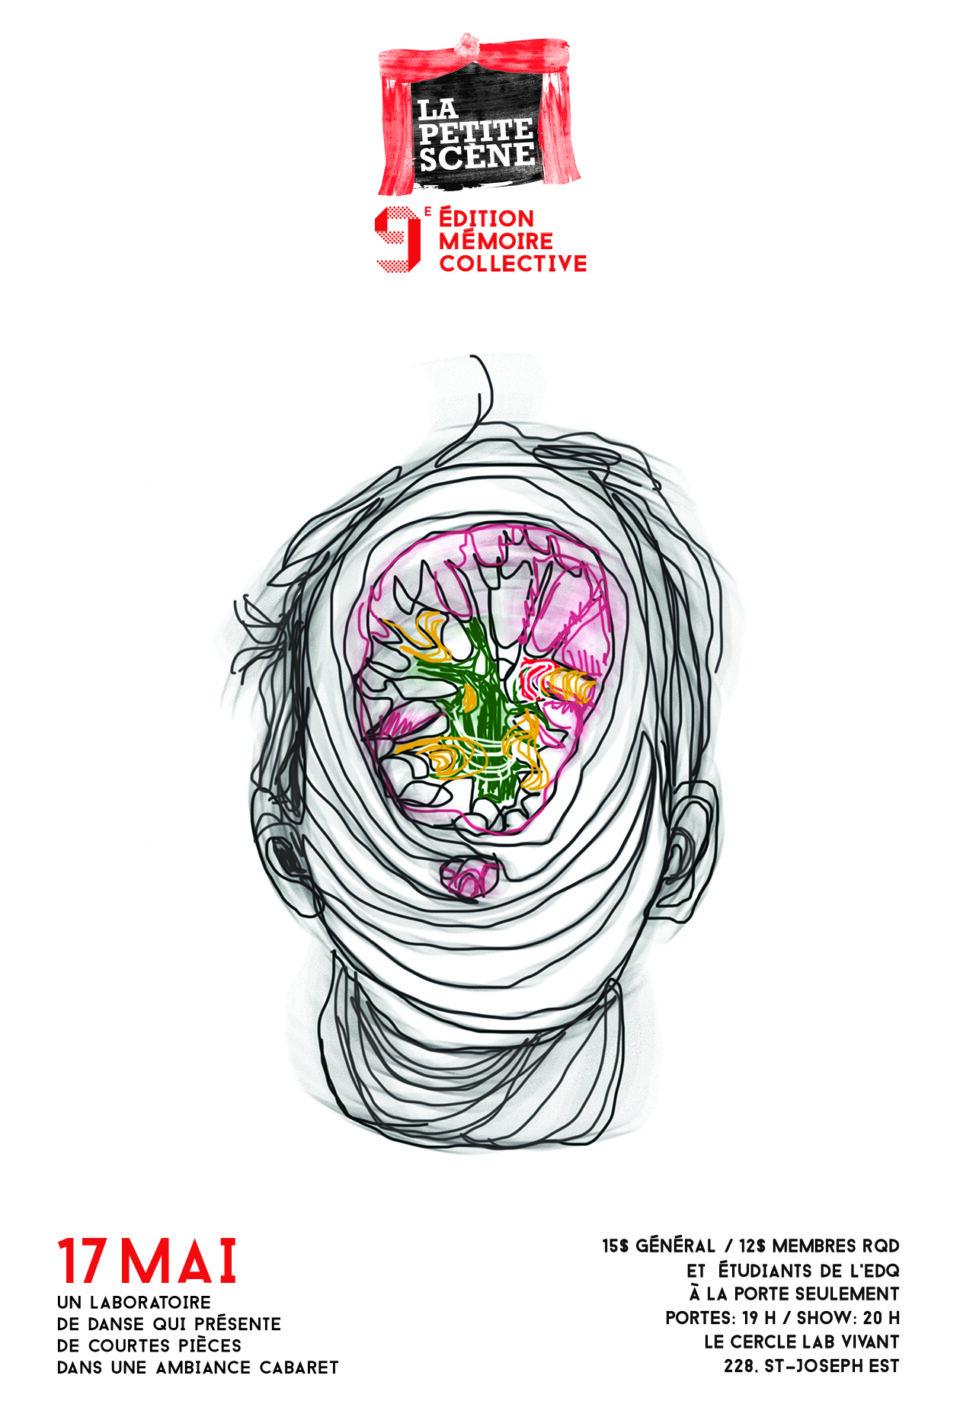 Rendez-vous le 17 mai pour la 9e édition de La petite scène sur le thème de la Mémoire collective!